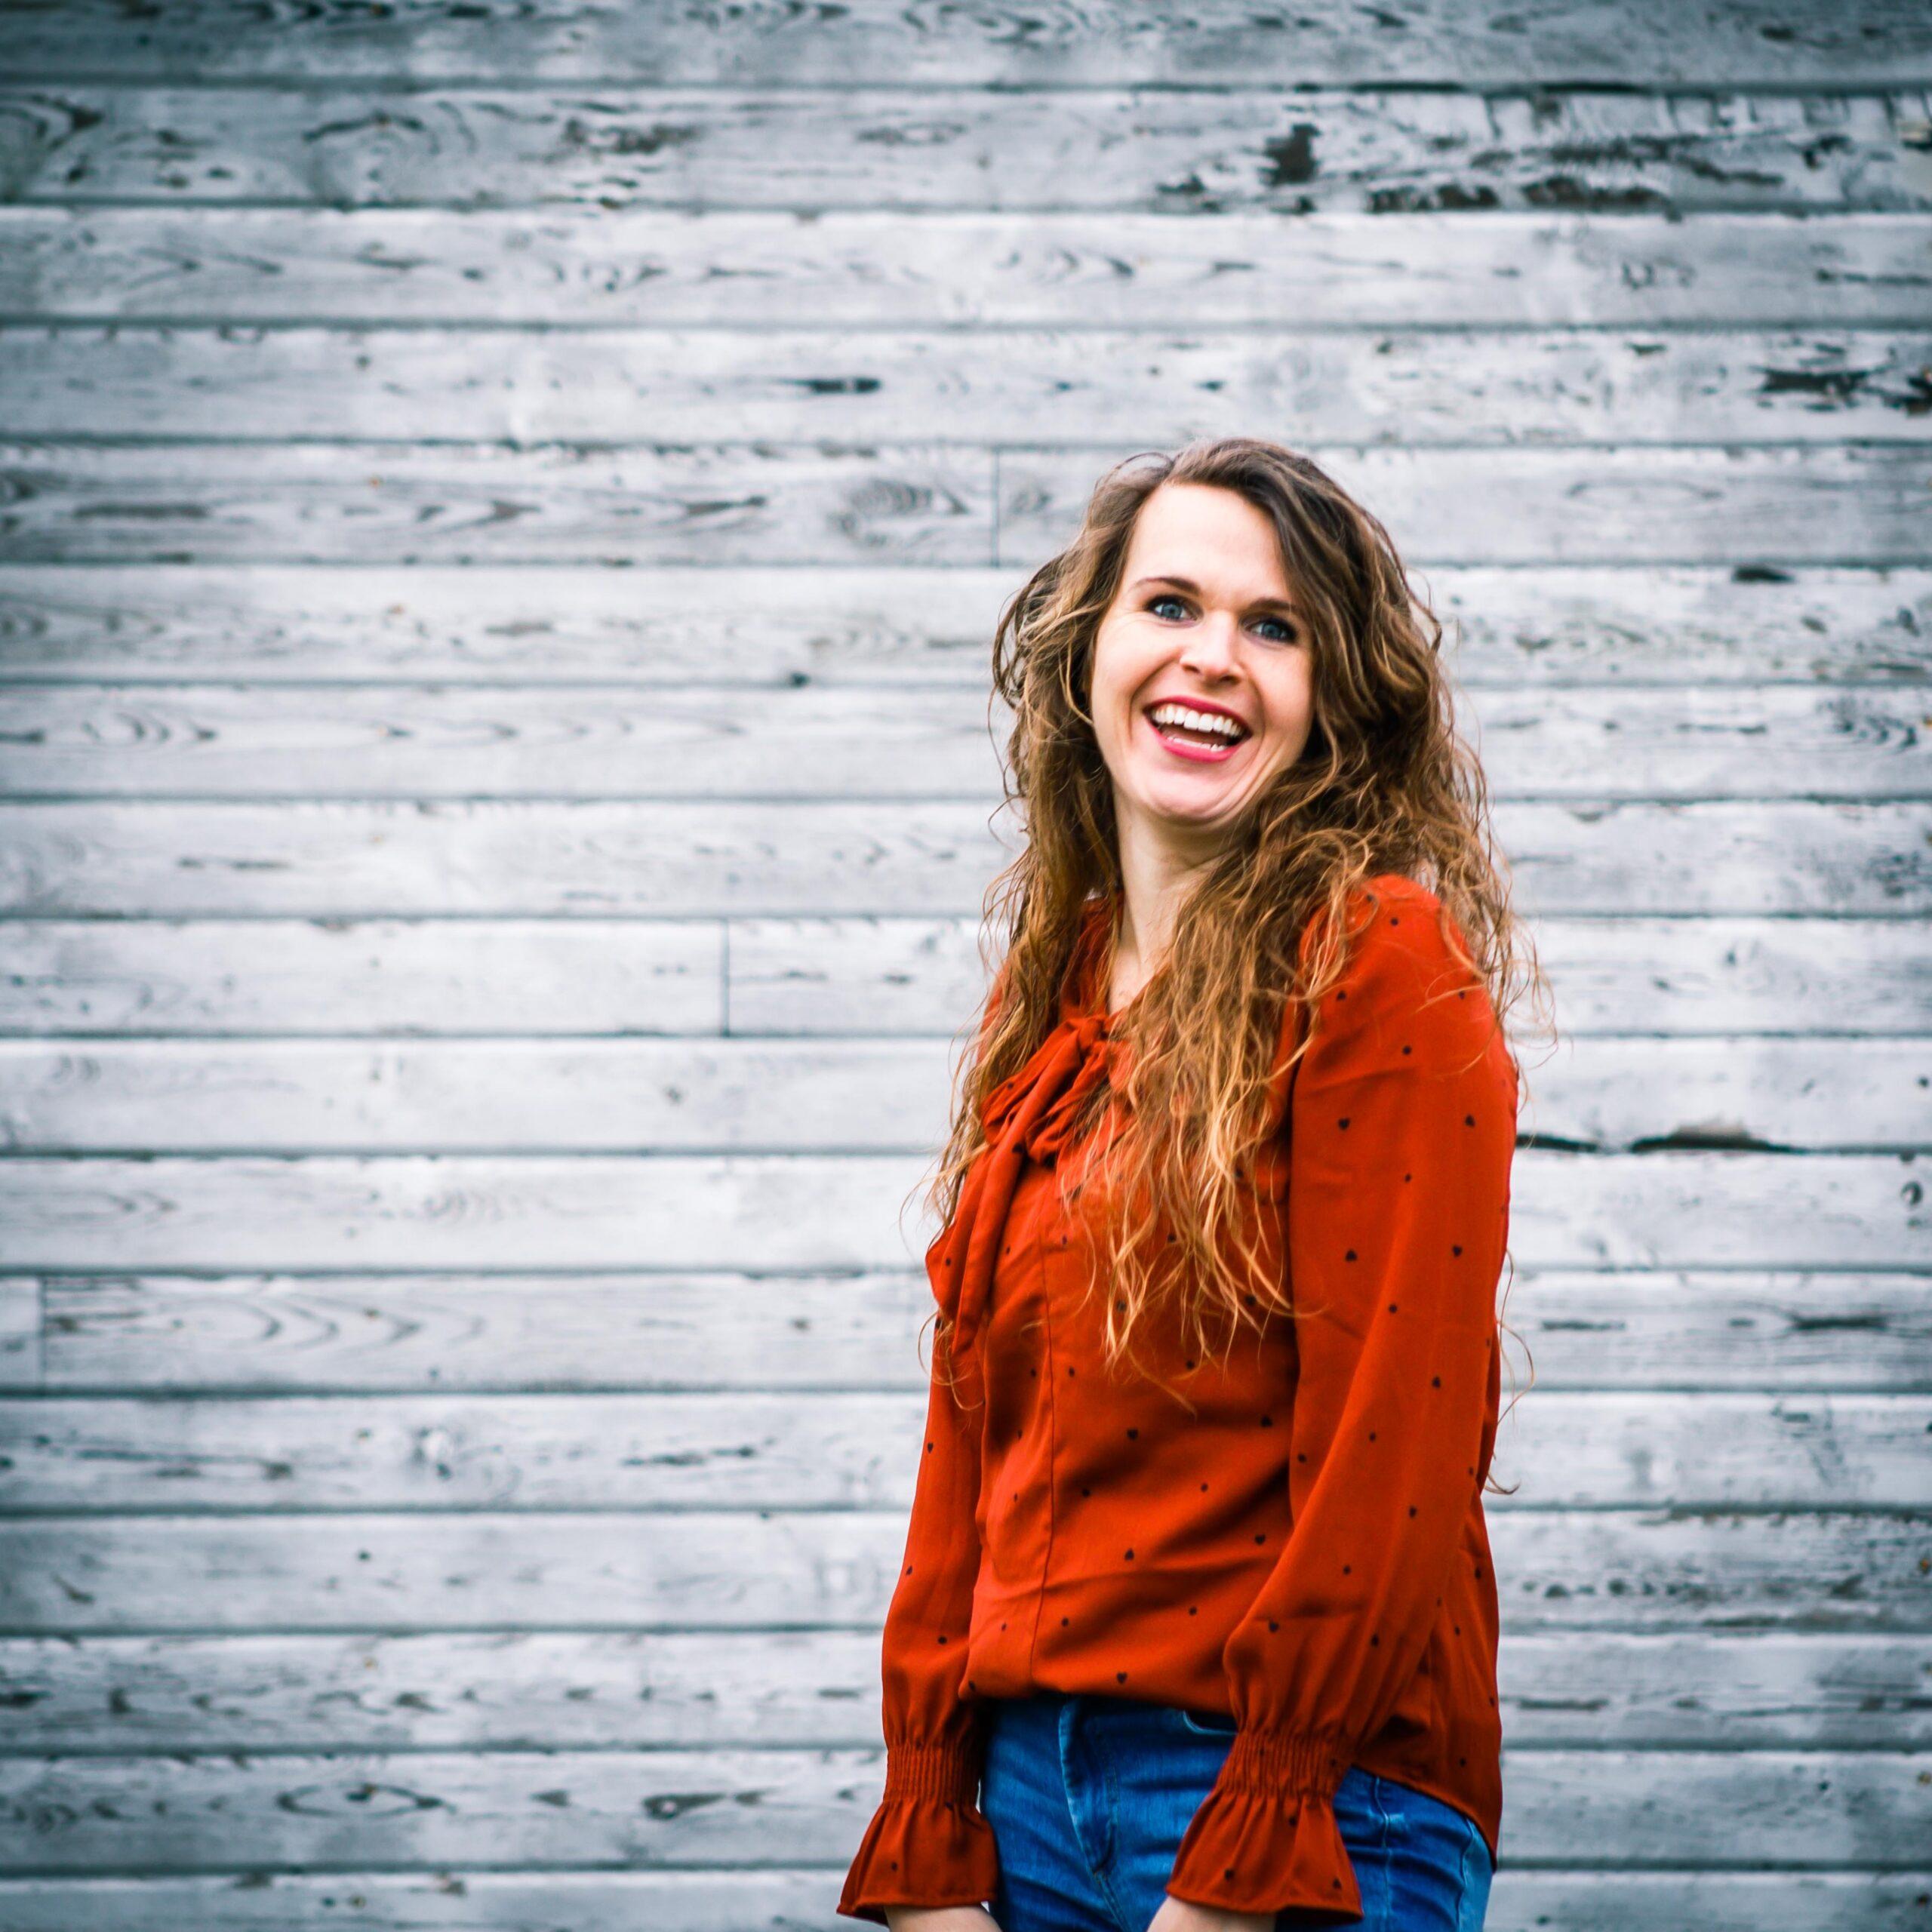 meer info over hormonale disbalans door Nataly Zijlstra